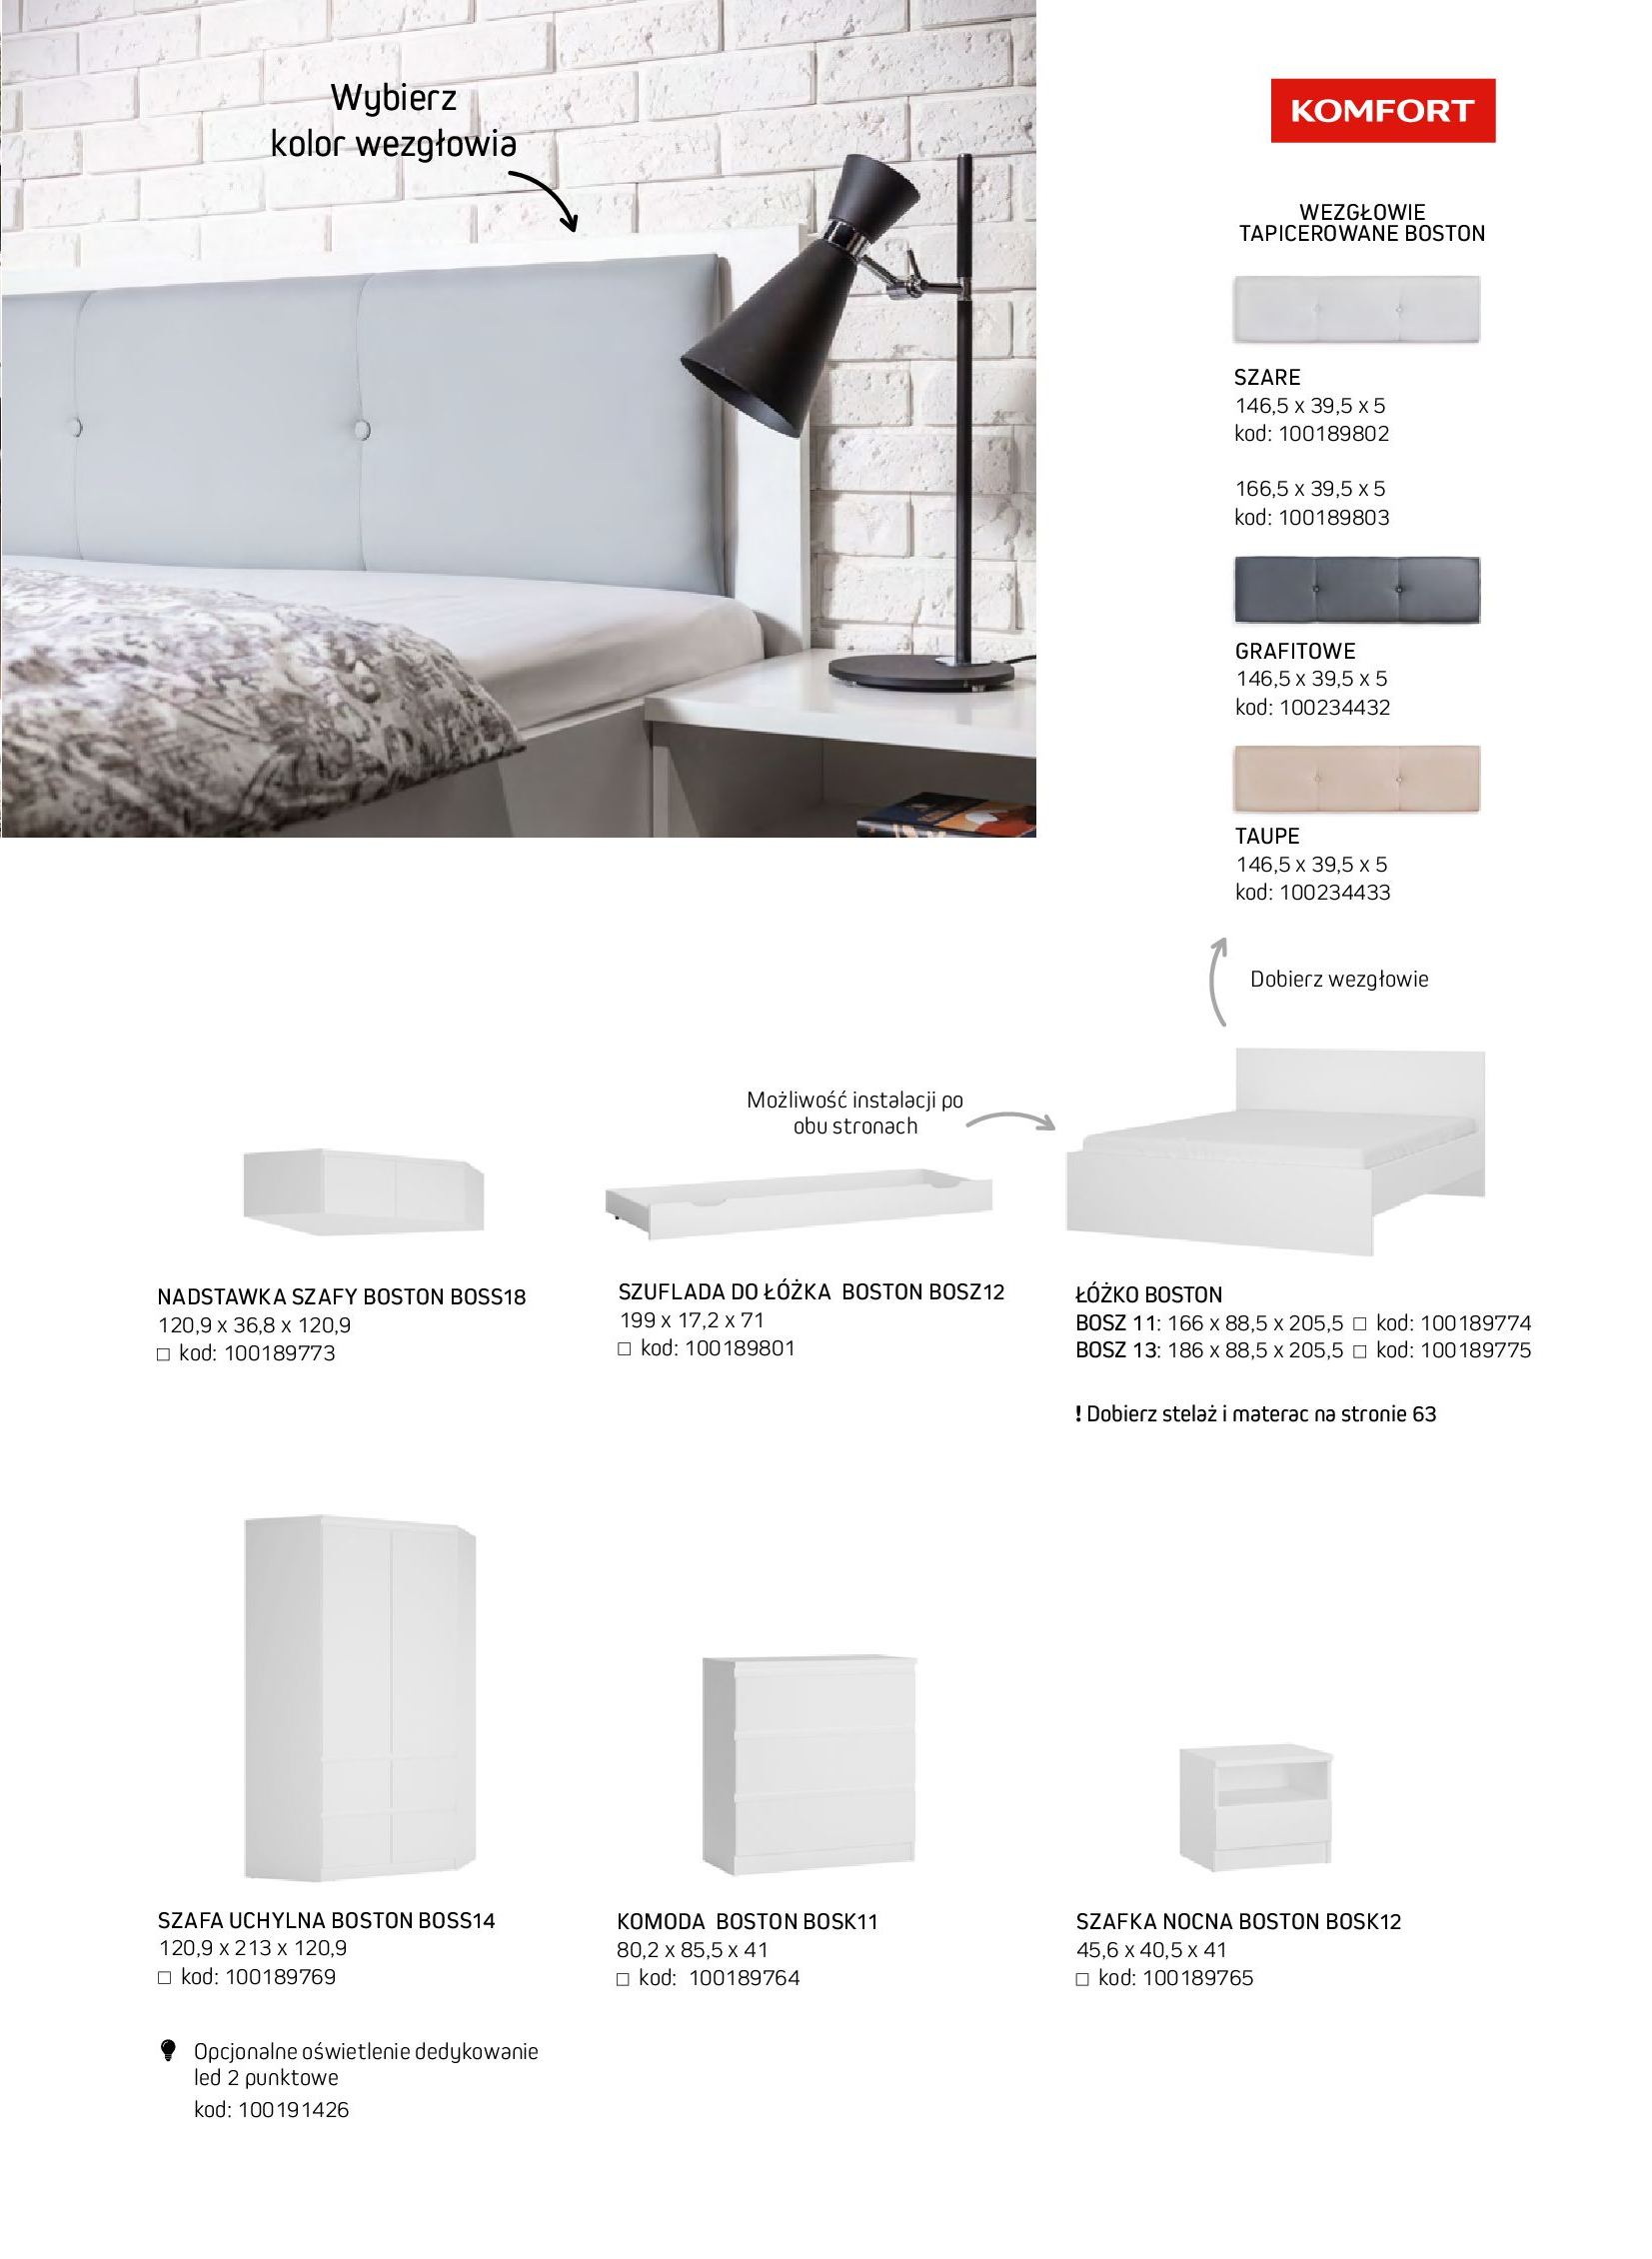 Gazetka Komfort: Gazetka komfort - Meble i oświetlenie 2021-08-26 page-47